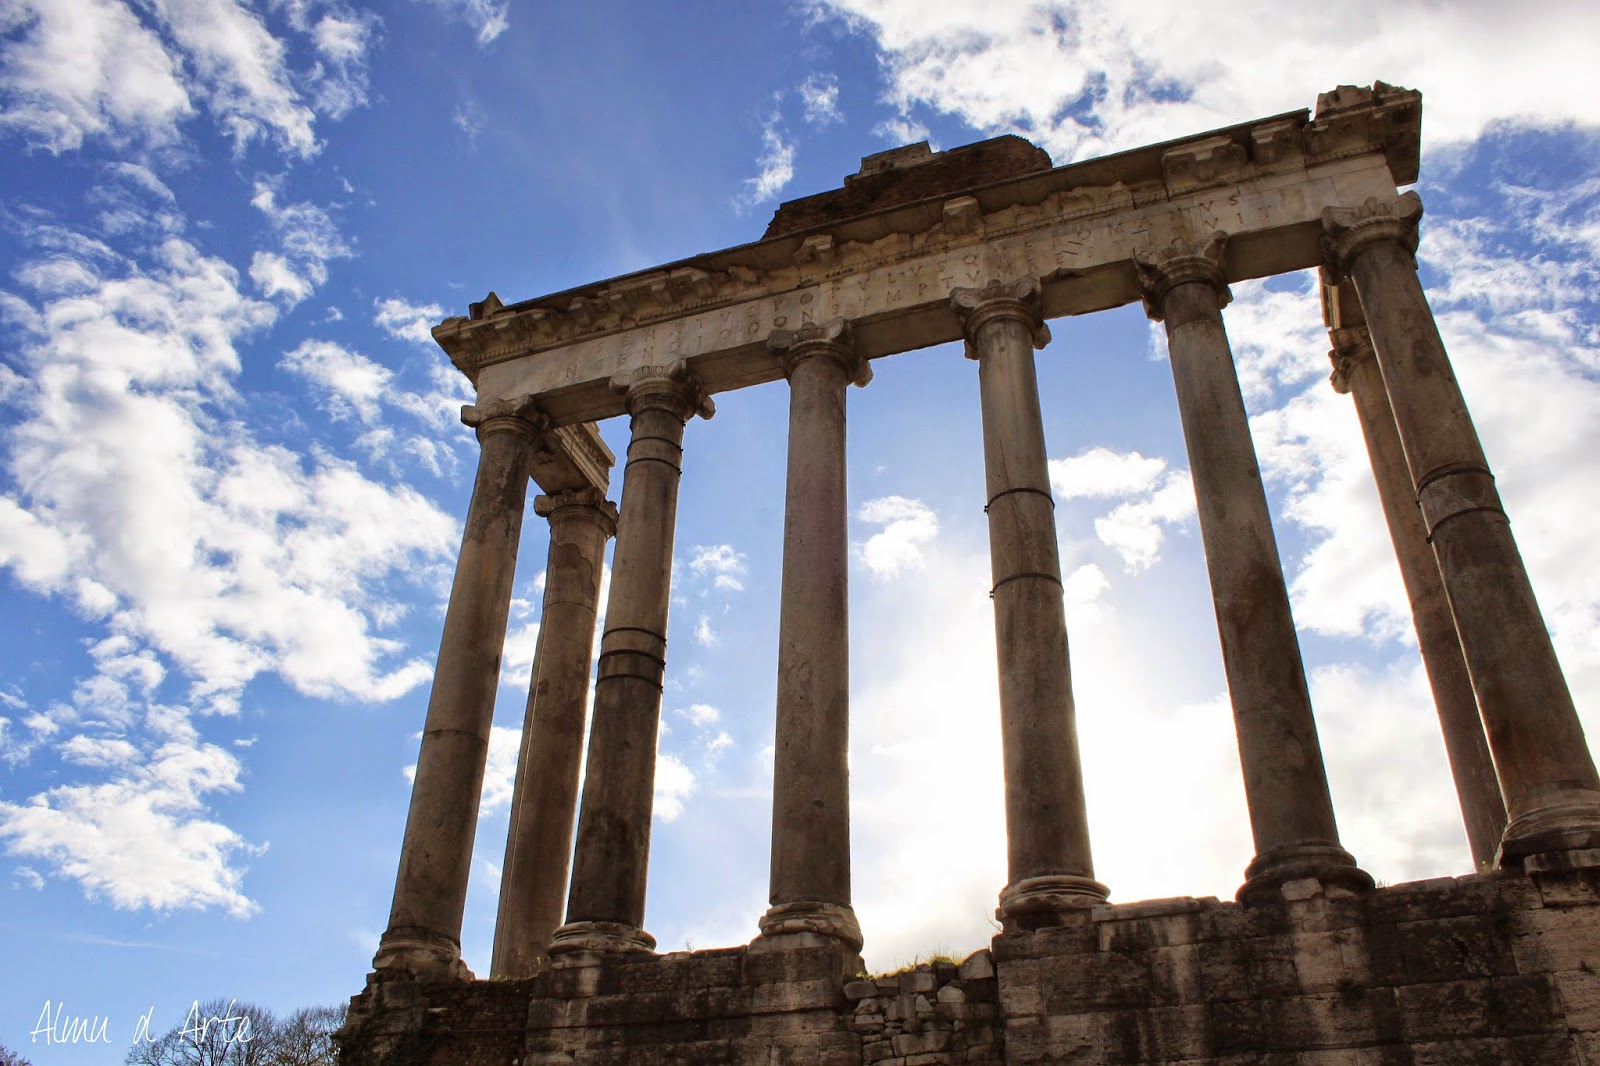 Restos de Monumentos en el foro romano